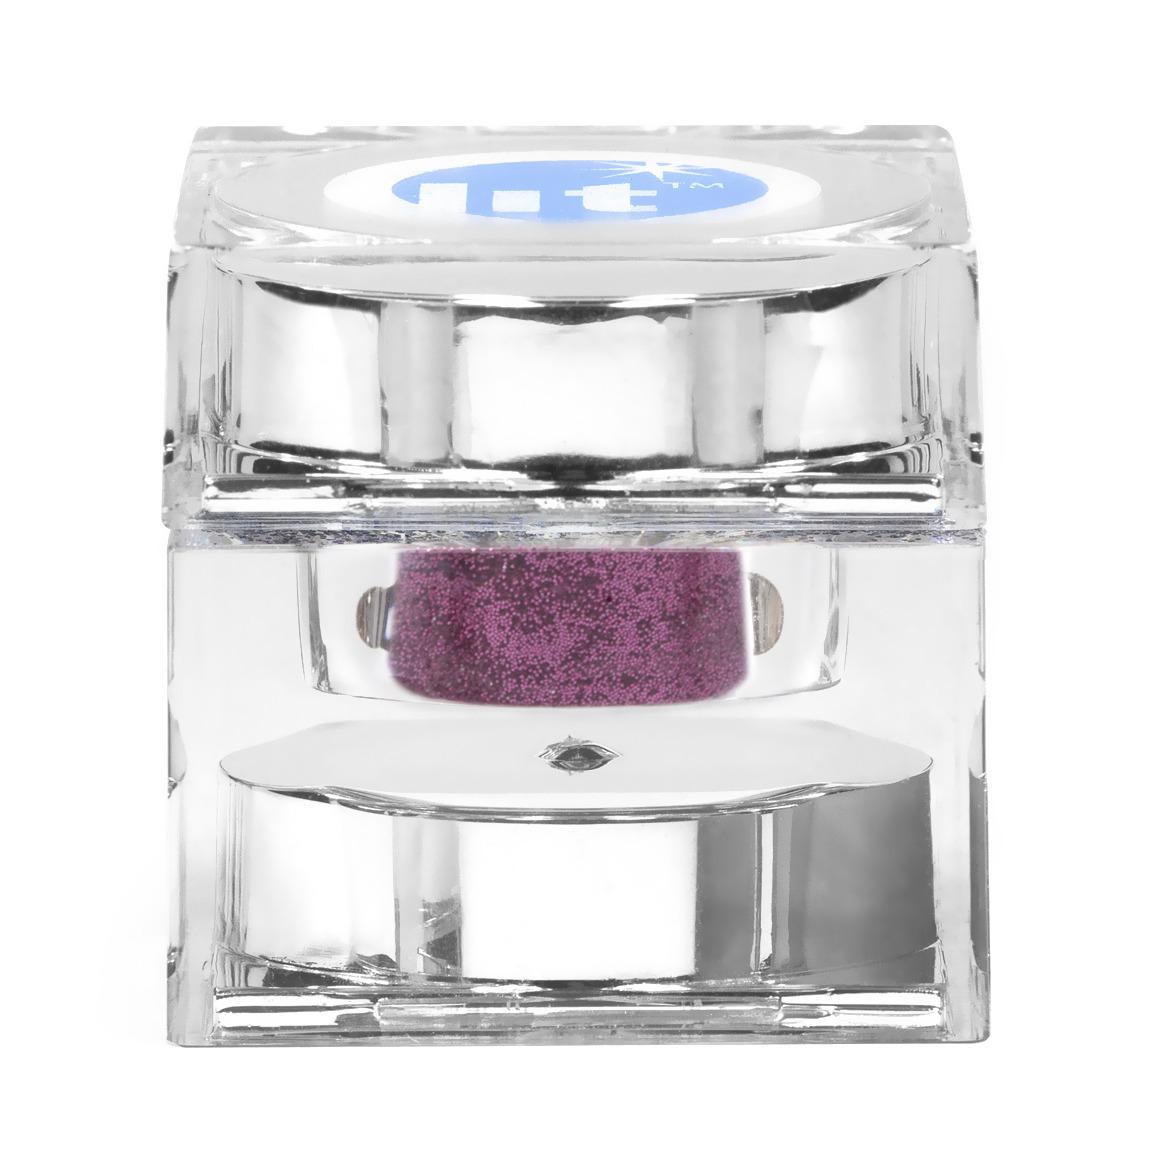 Lit Cosmetics Lit Glitter True Romance S2 alternative view 1.